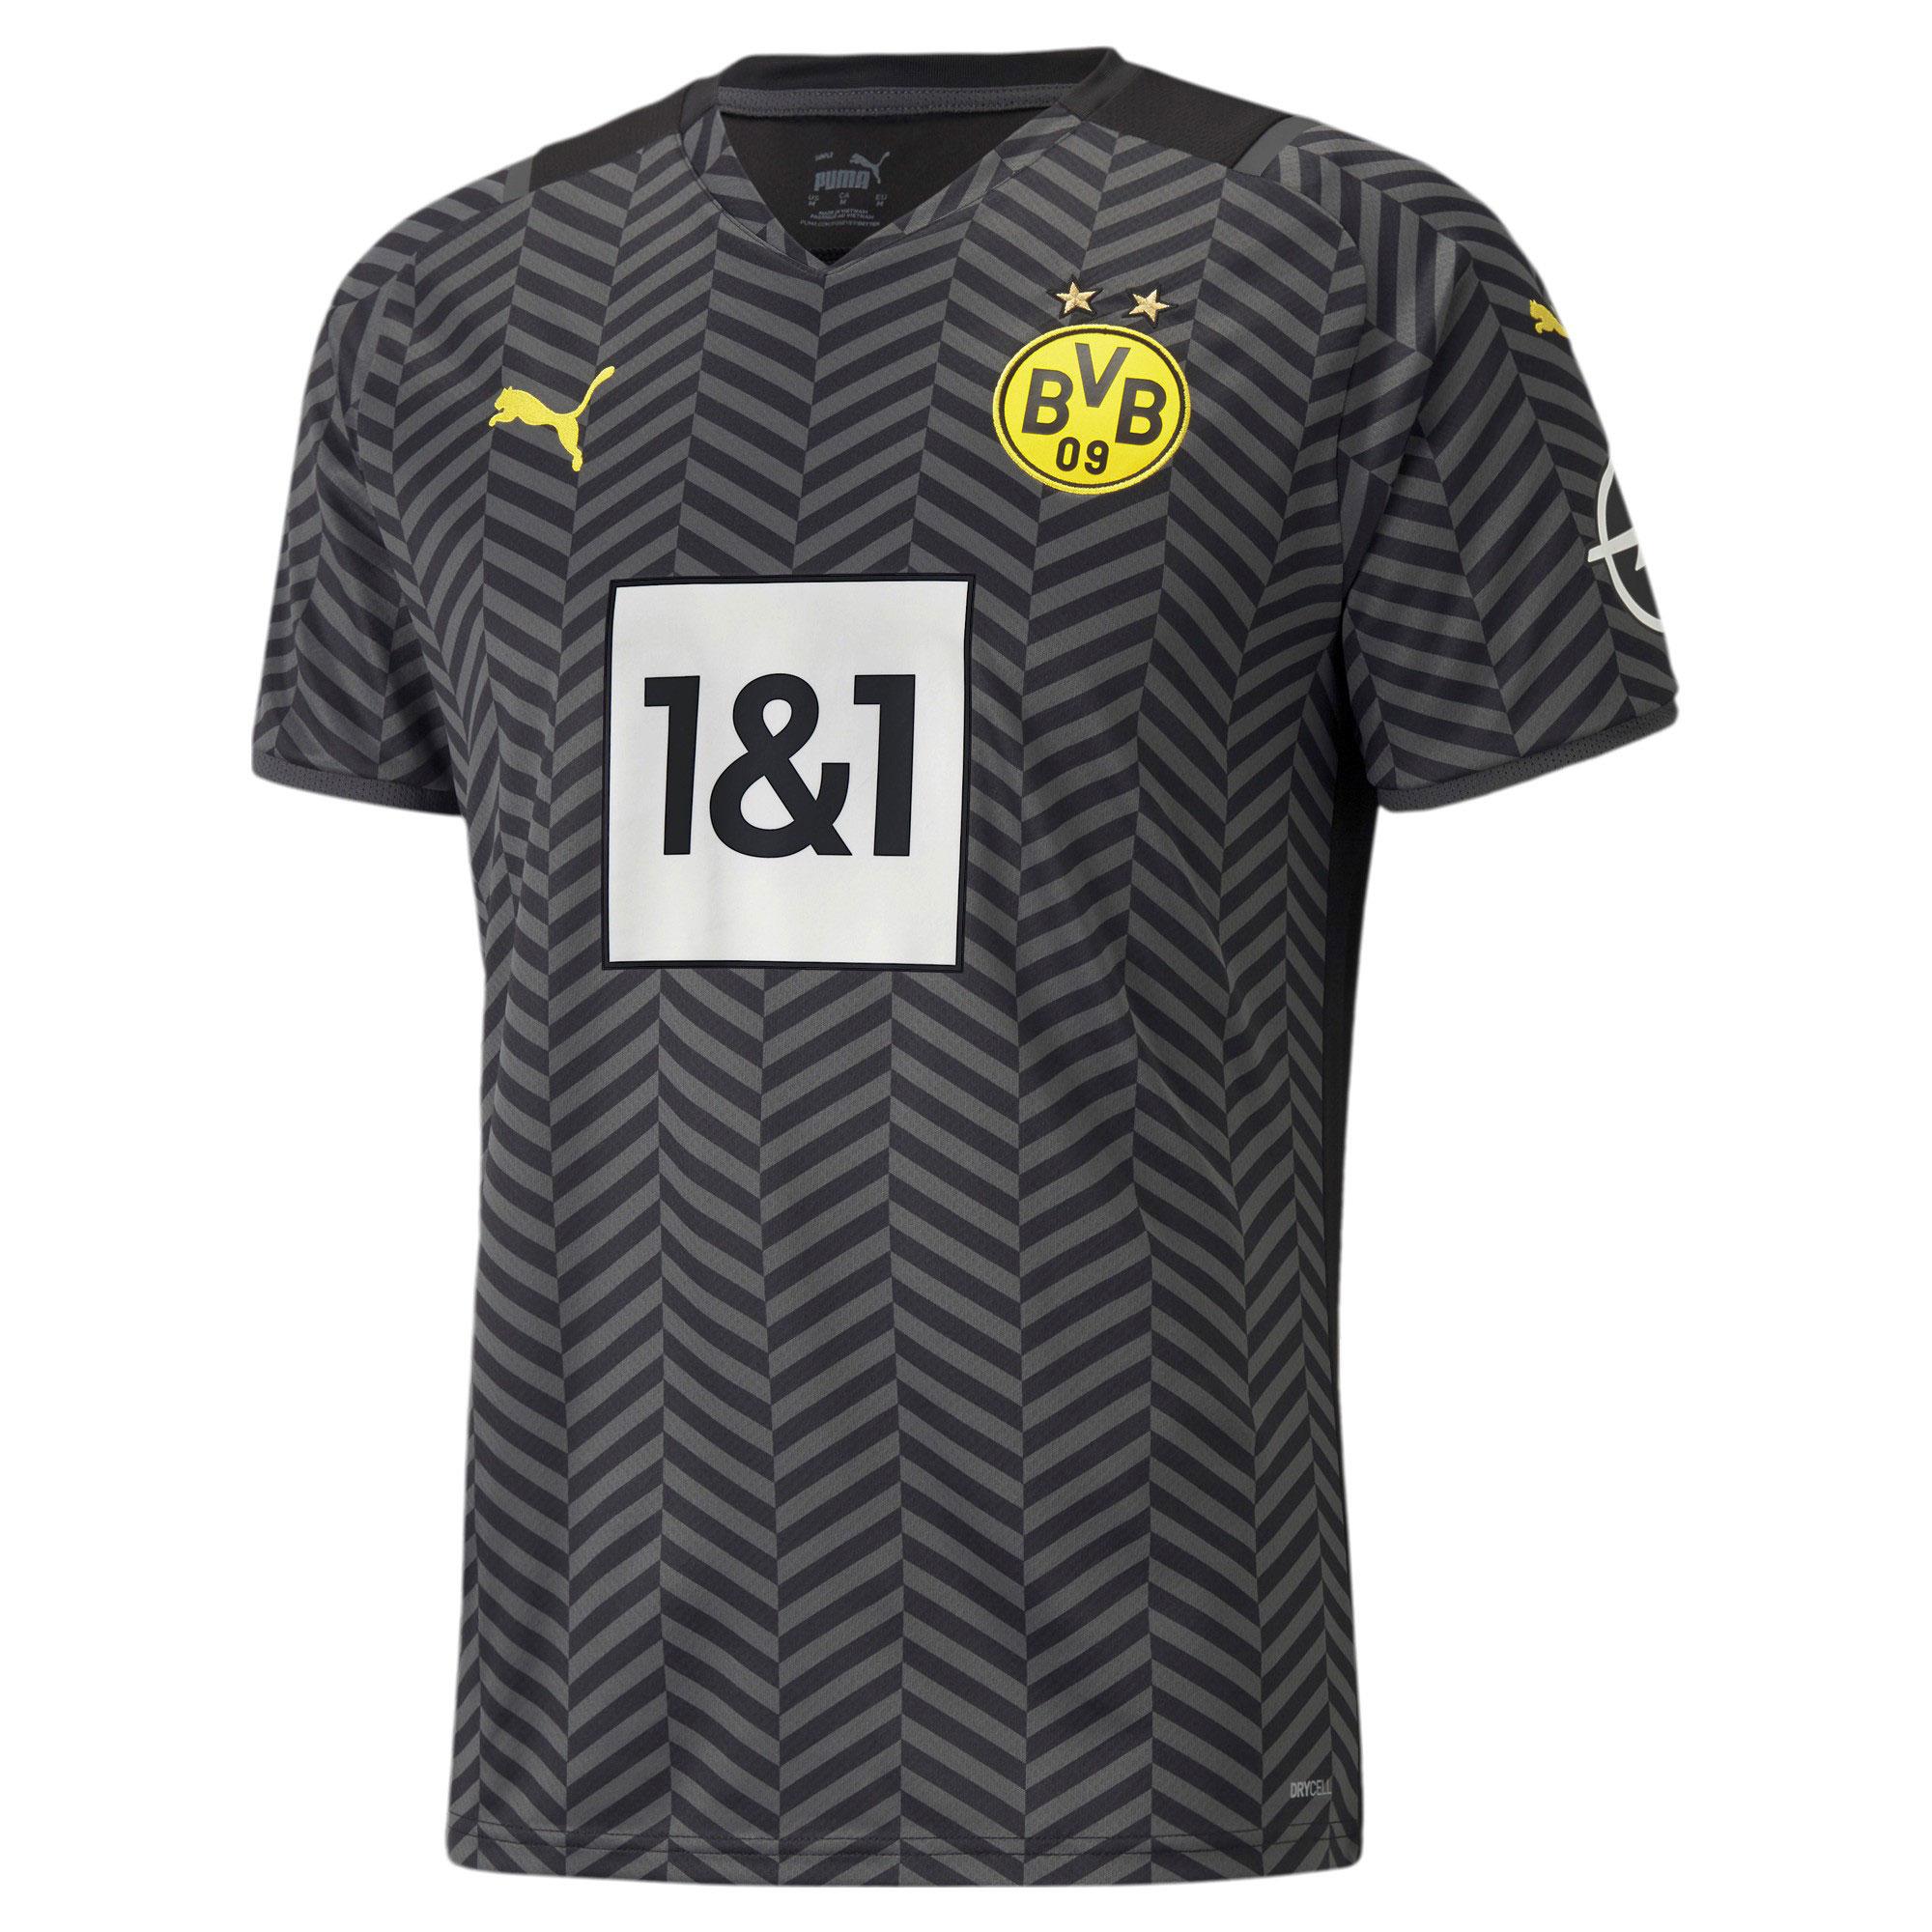 Puma Borussia Dortmund Away Shirt 2021-2022